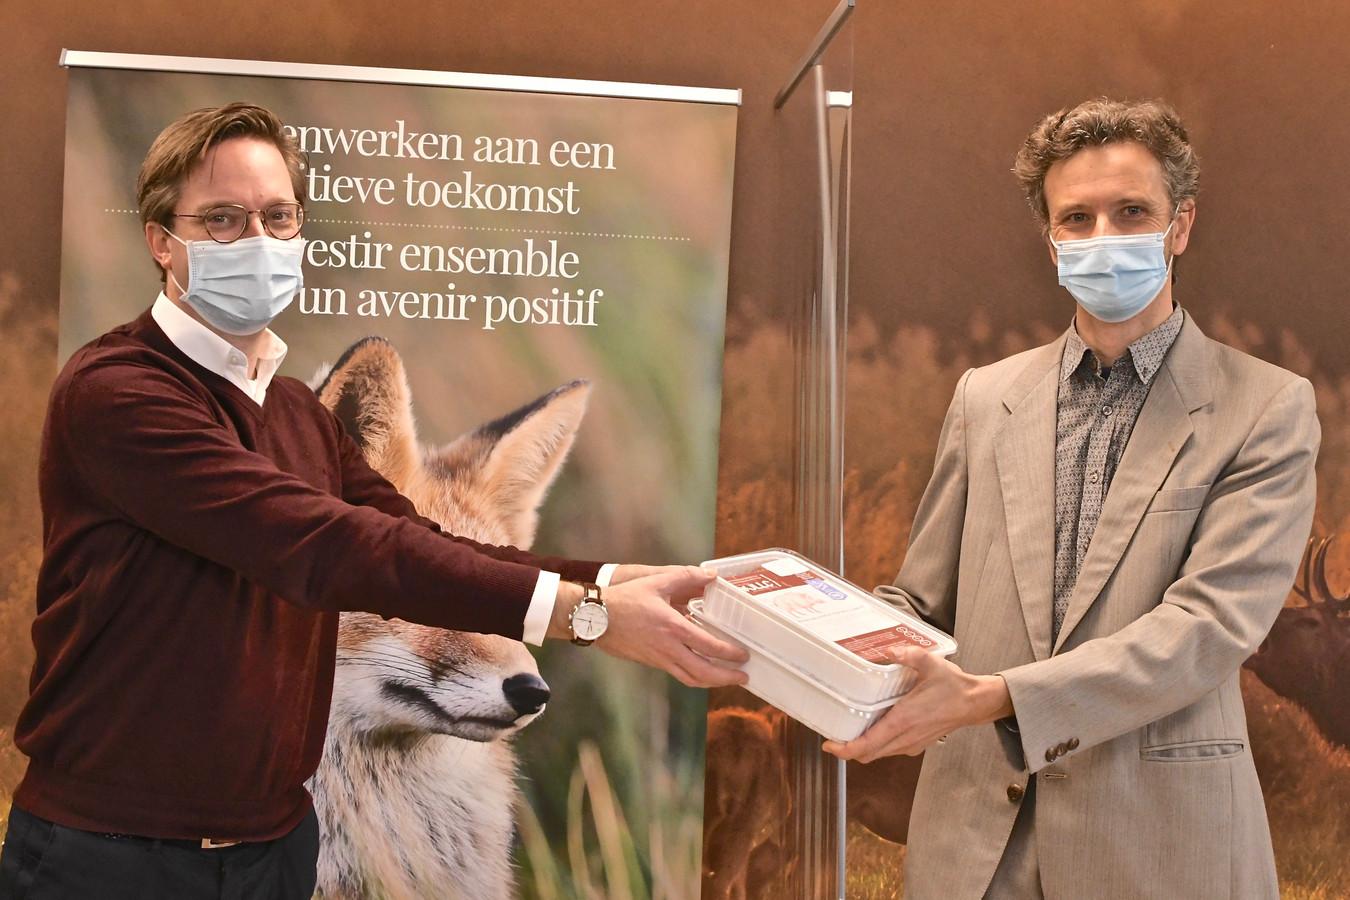 Lysander Werbrouck van JLLC overhandigt enkele wildburgers aan de coördinator van de Voedselbanken.